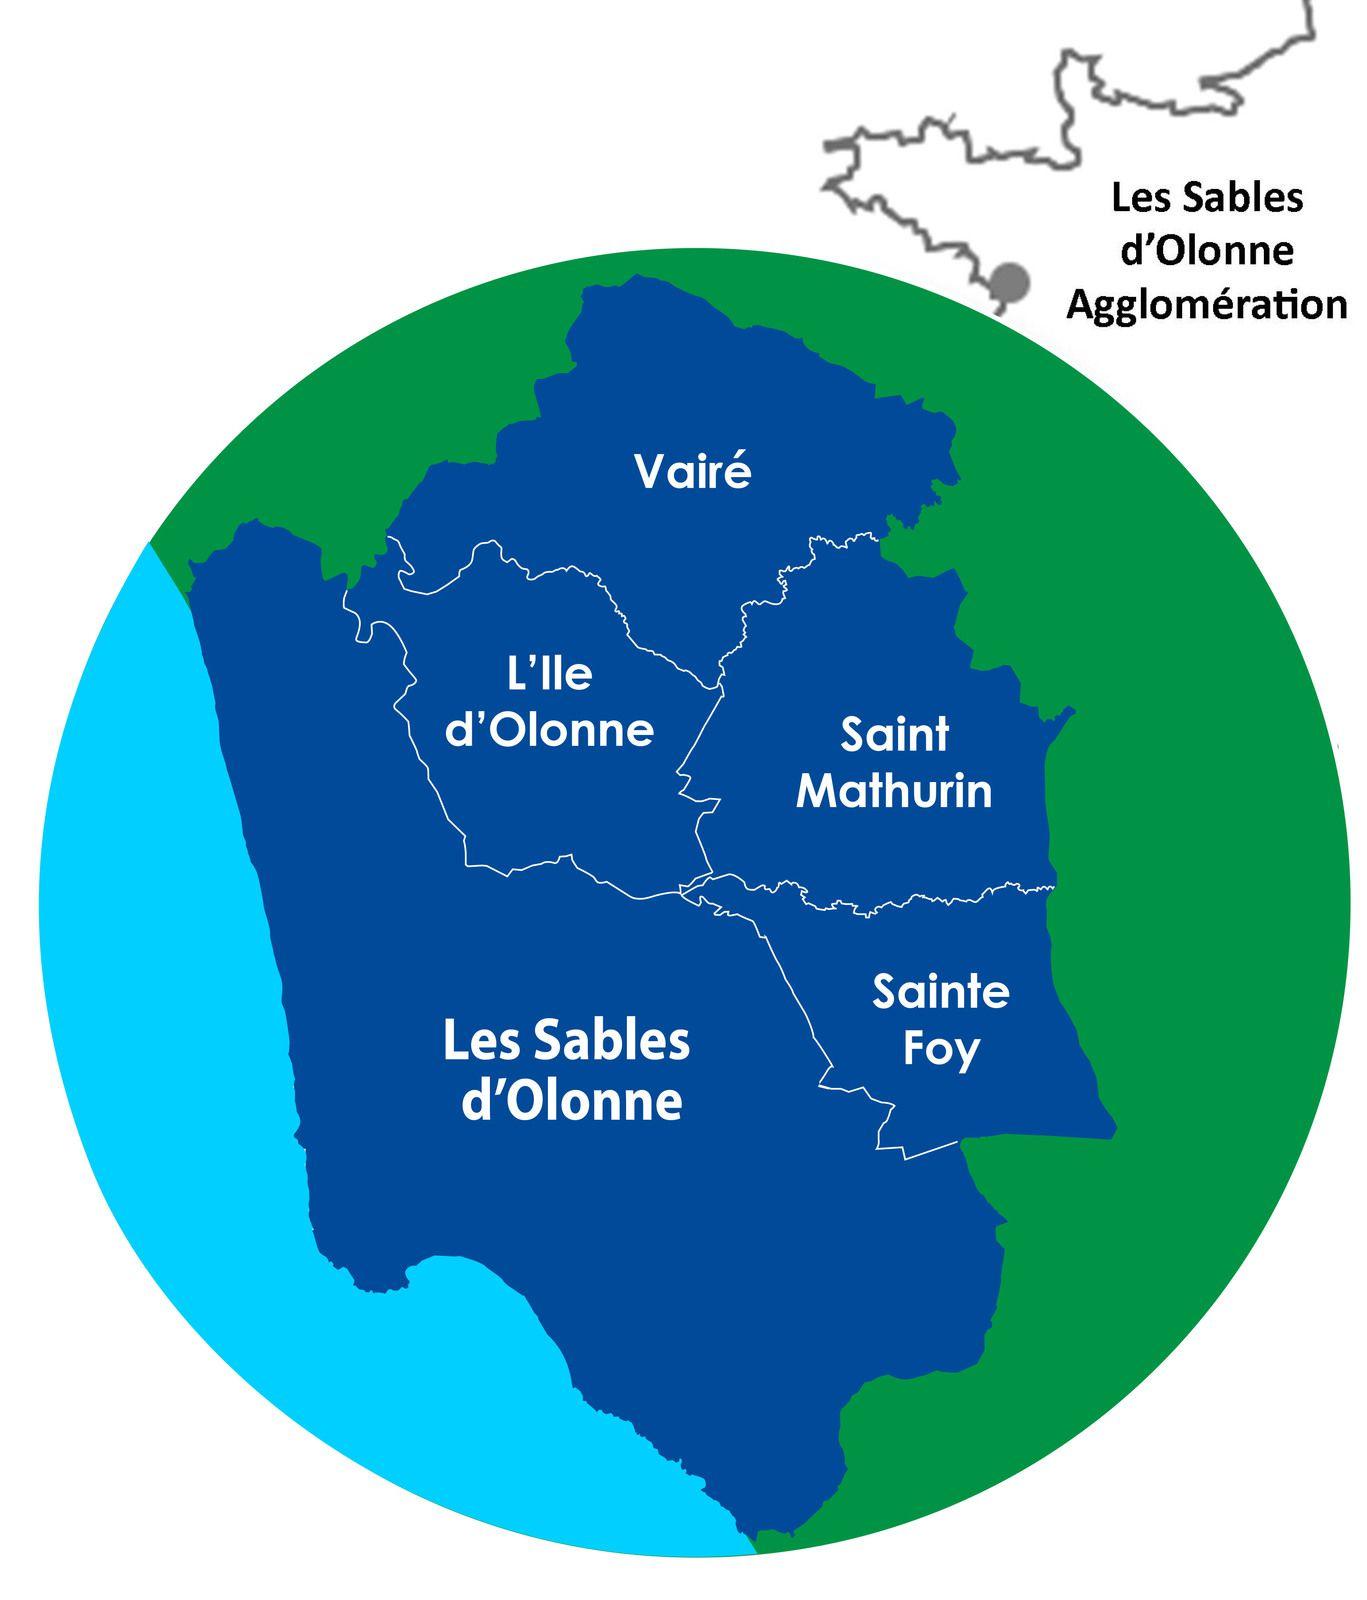 LES SABLES D'OLONNE AGGLOMÉRATION : conseil communautaire du jeudi 11 février 2021